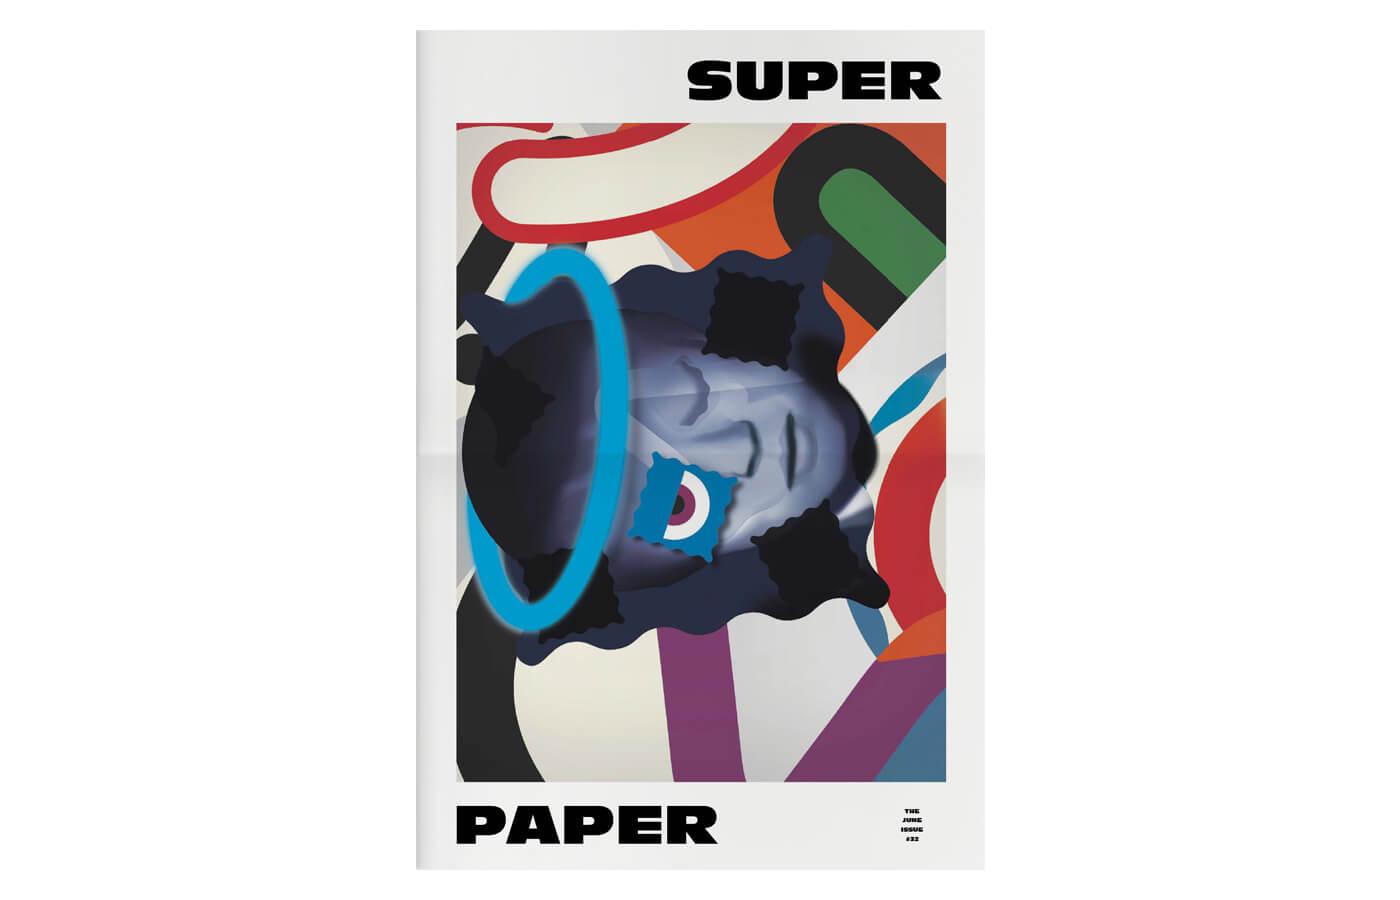 Superpaper #32